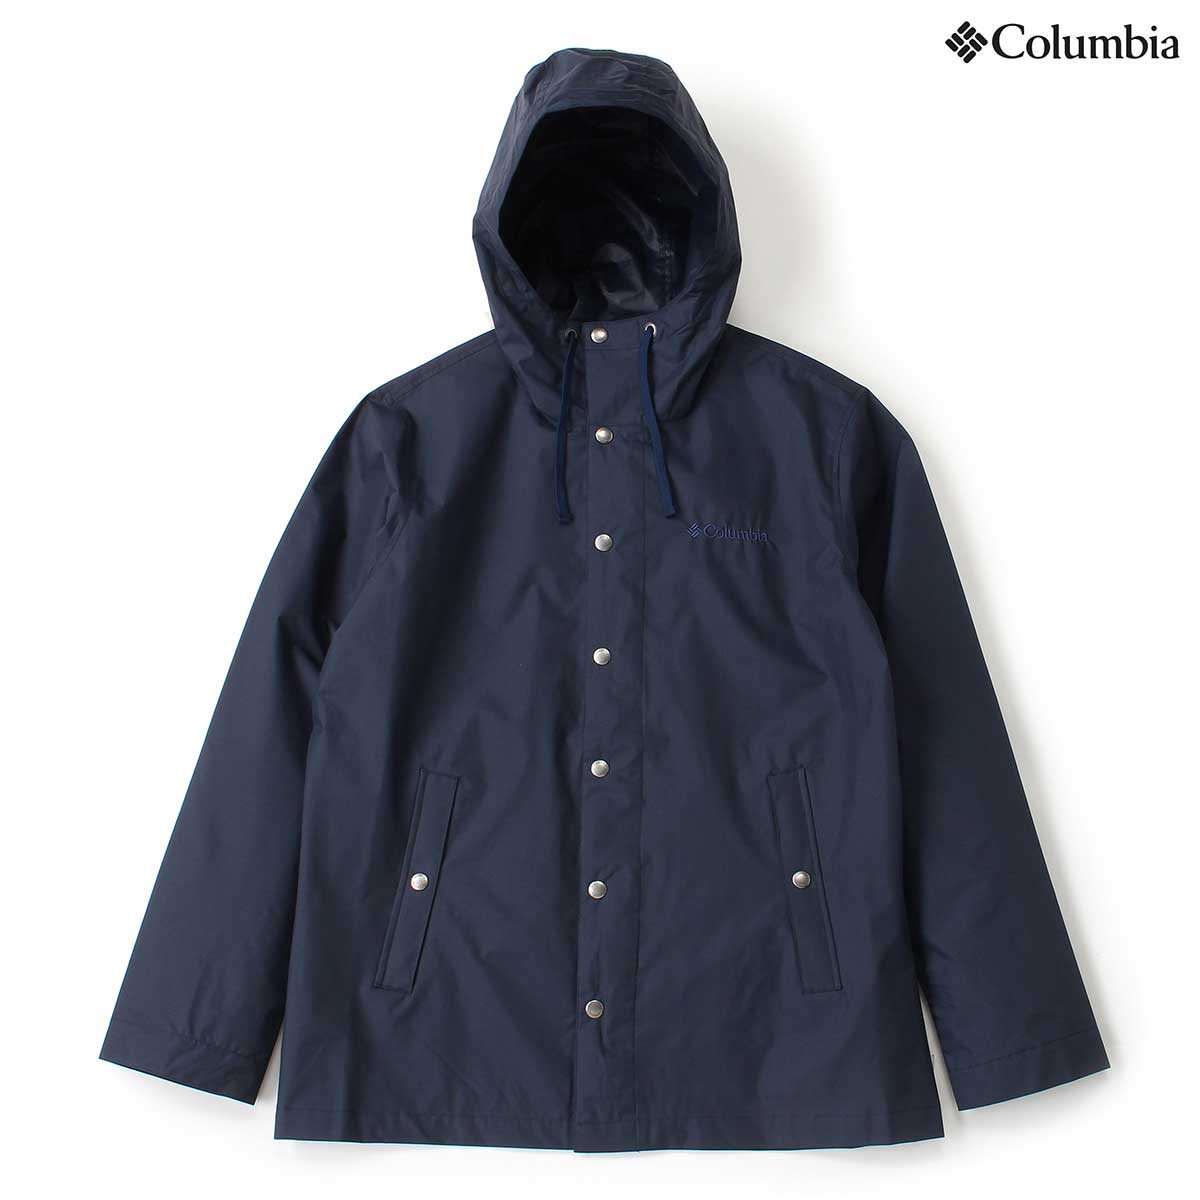 魅力的な Columbia(コロンビア) PM5480 PM5480 Jacket ビービーロードジャケット Beebe Road Road Jacket, 中沢農園:02fe01d8 --- canoncity.azurewebsites.net